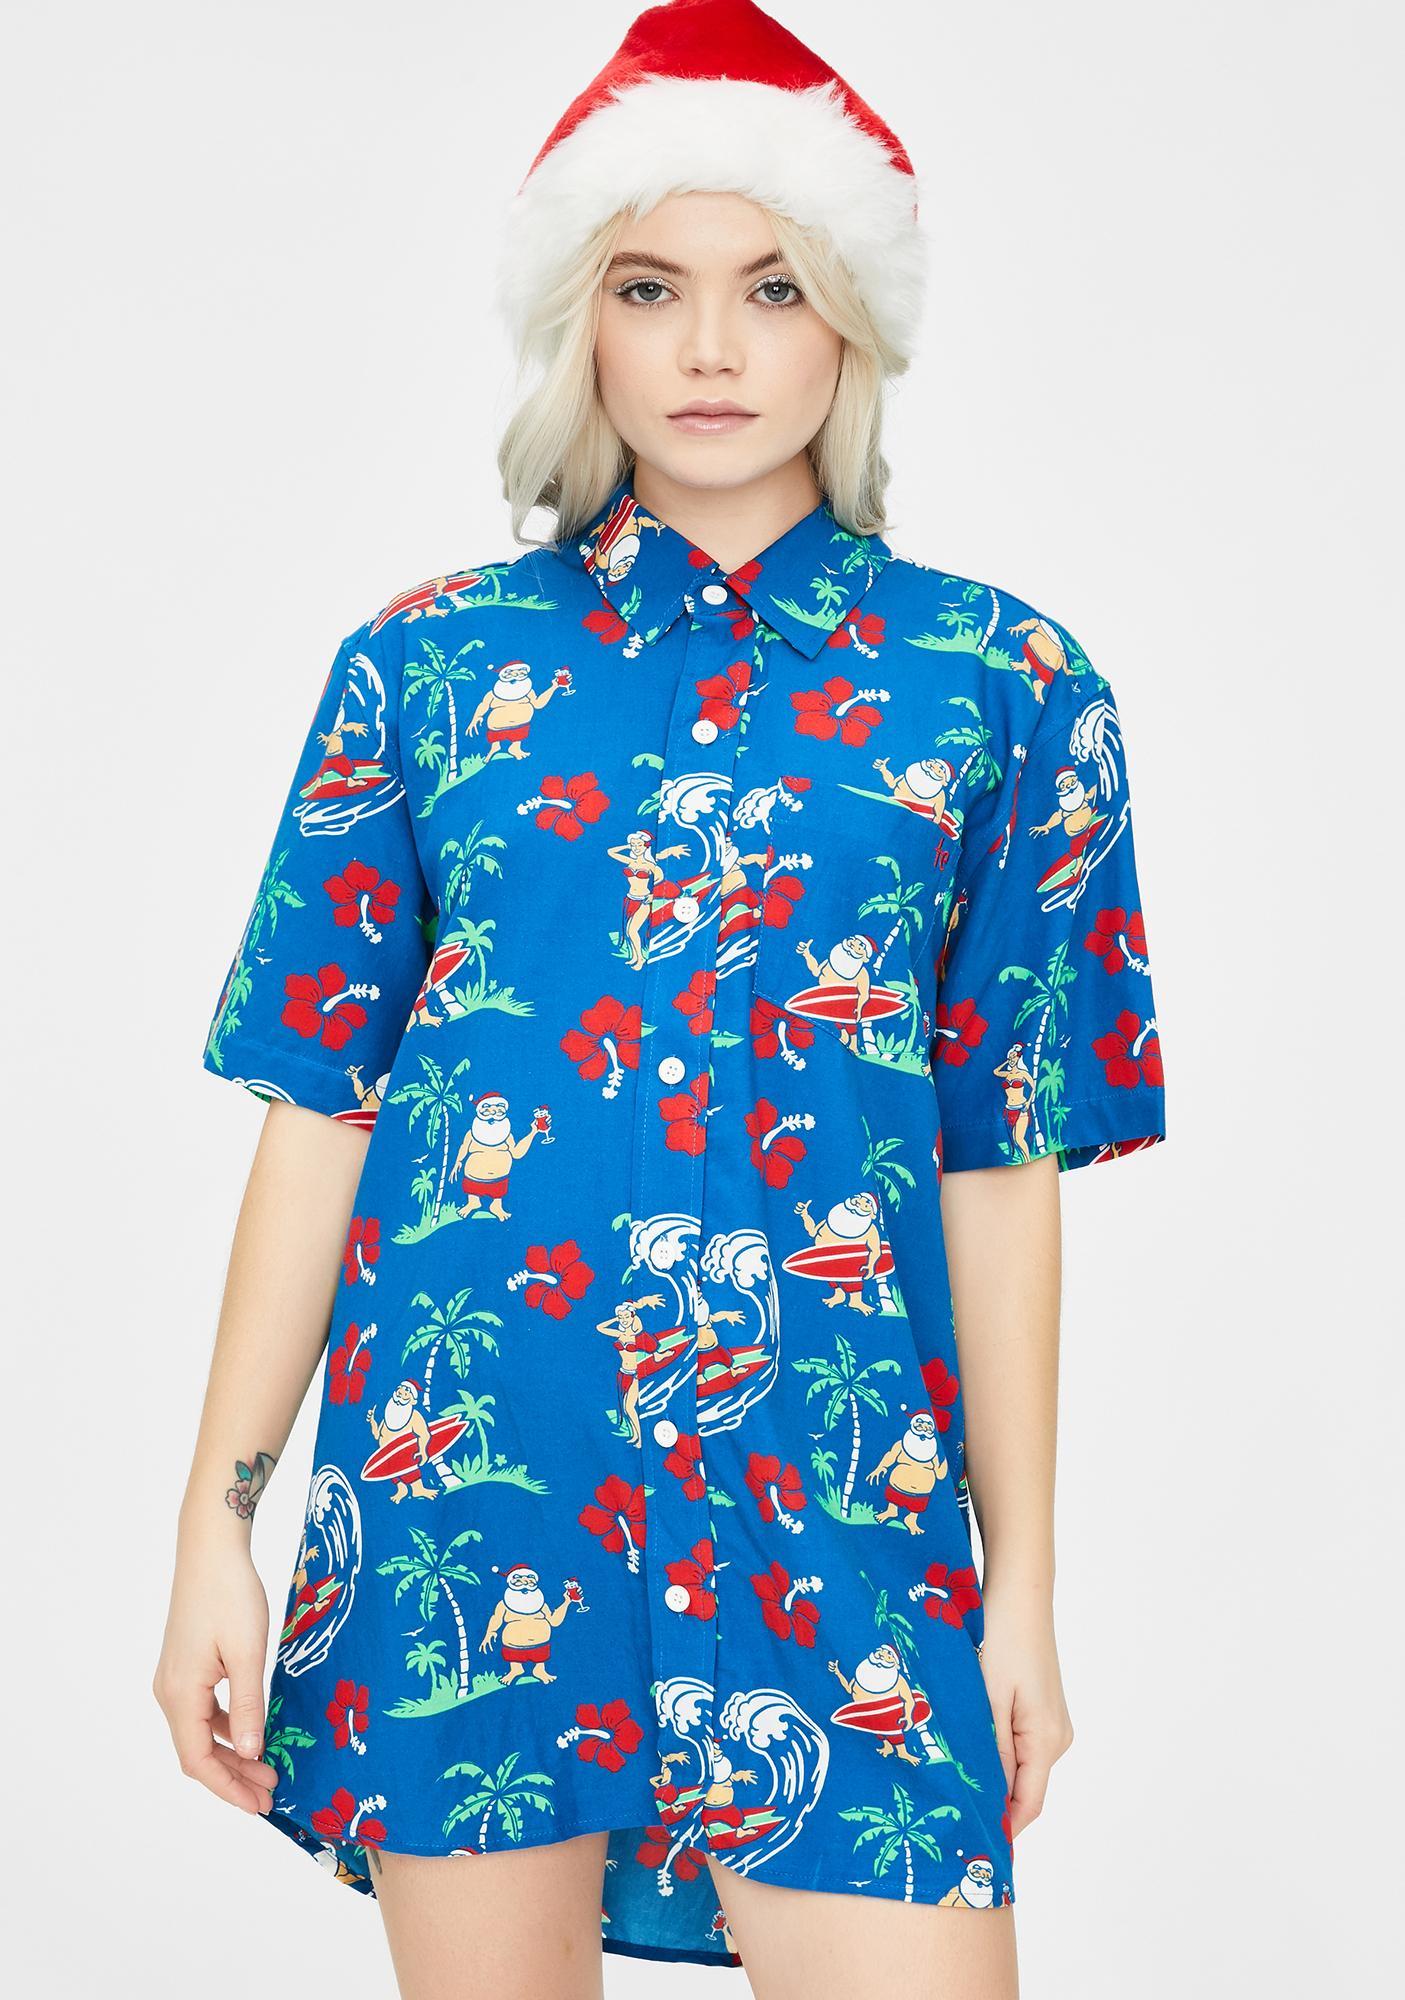 Tipsy Elves Surf's Up Santa Vacation Shirt